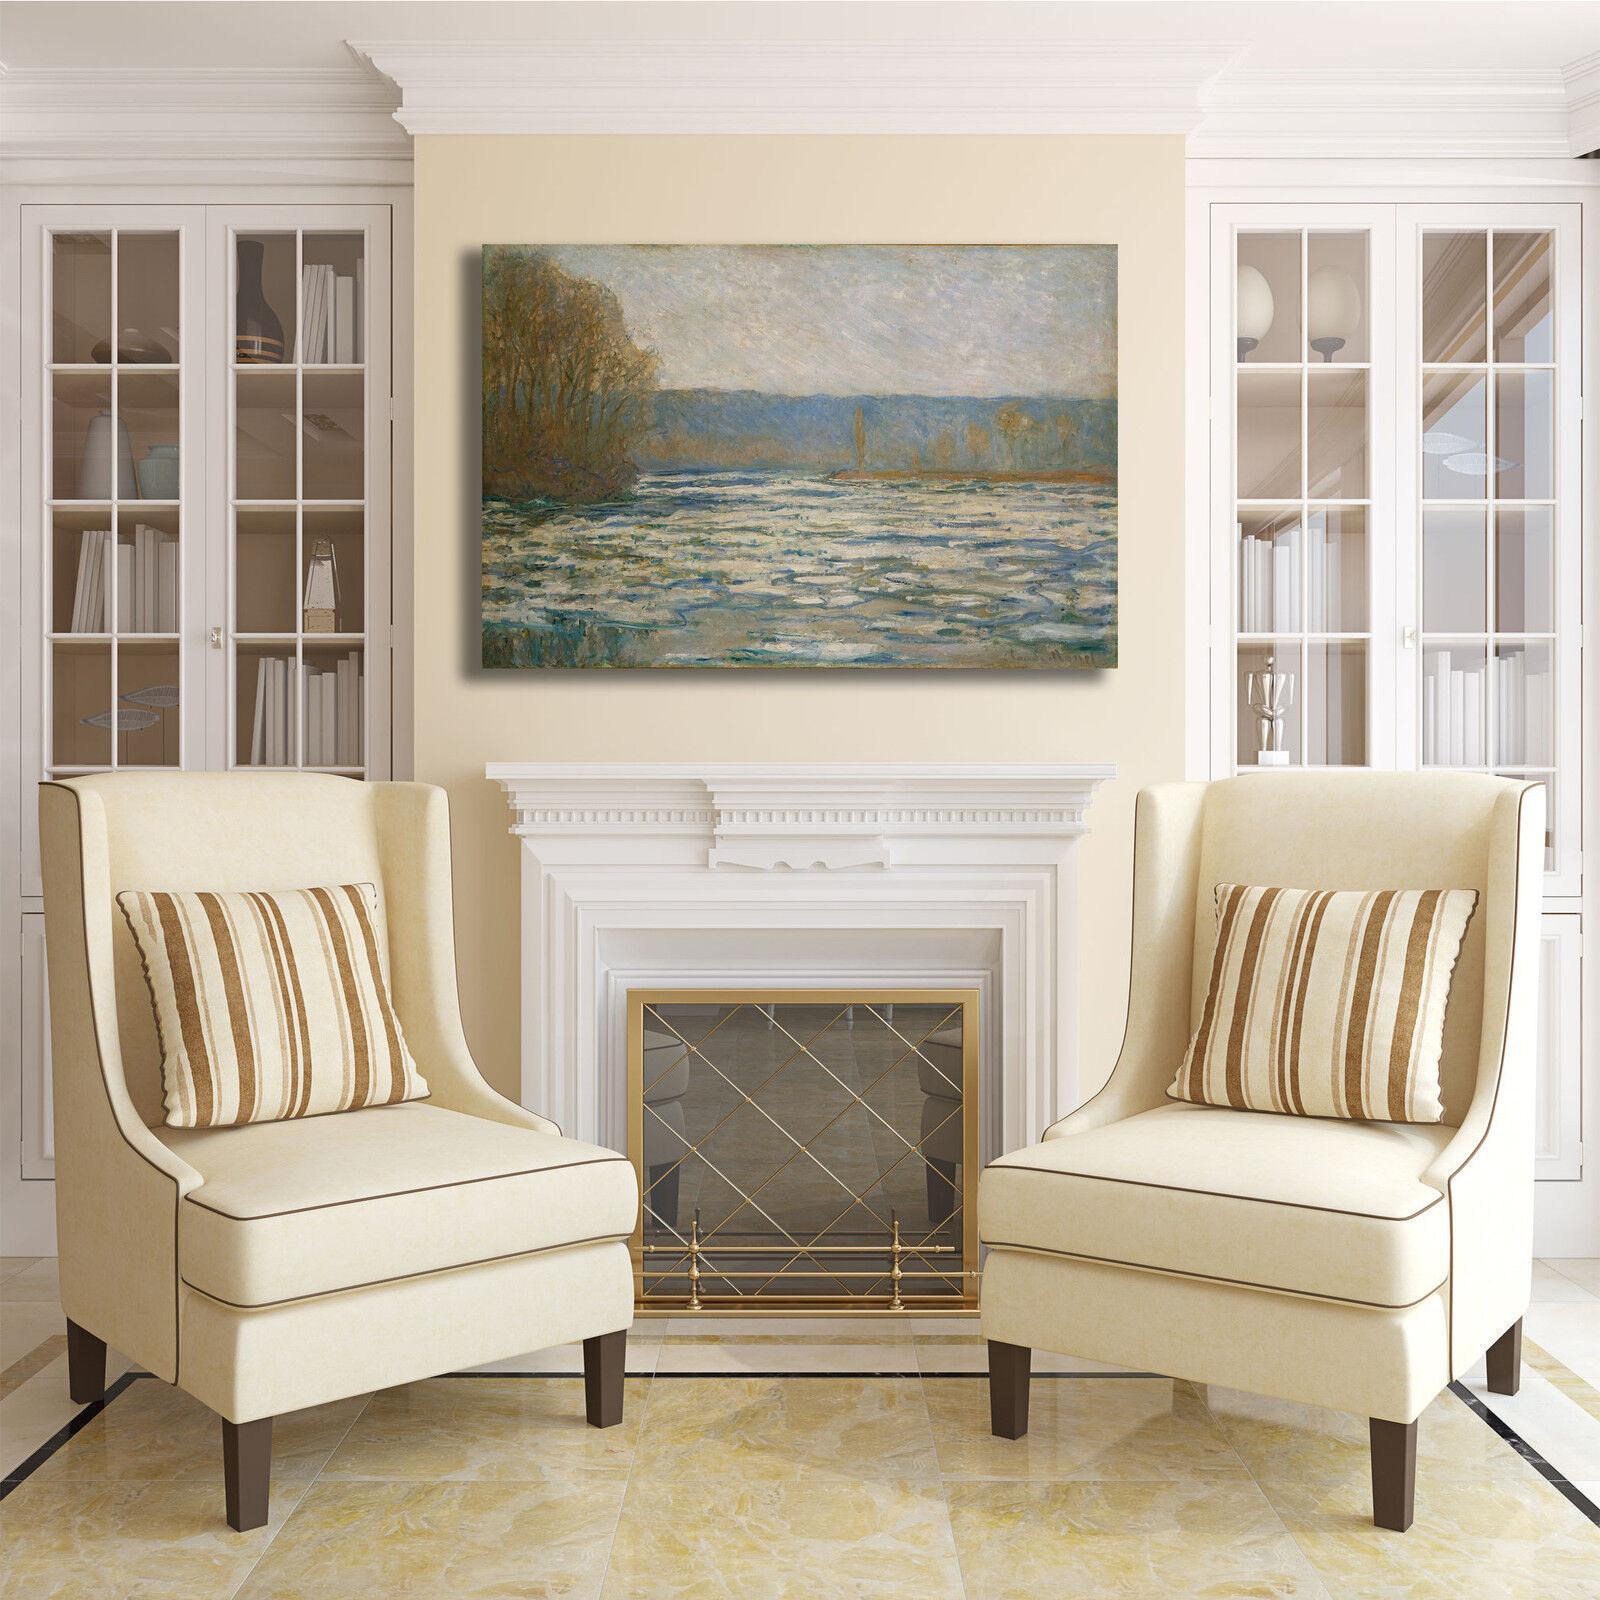 Monet ghiaccio sulla sulla ghiaccio Senna design quadro stampa tela dipinto telaio arRouge o casa 445728